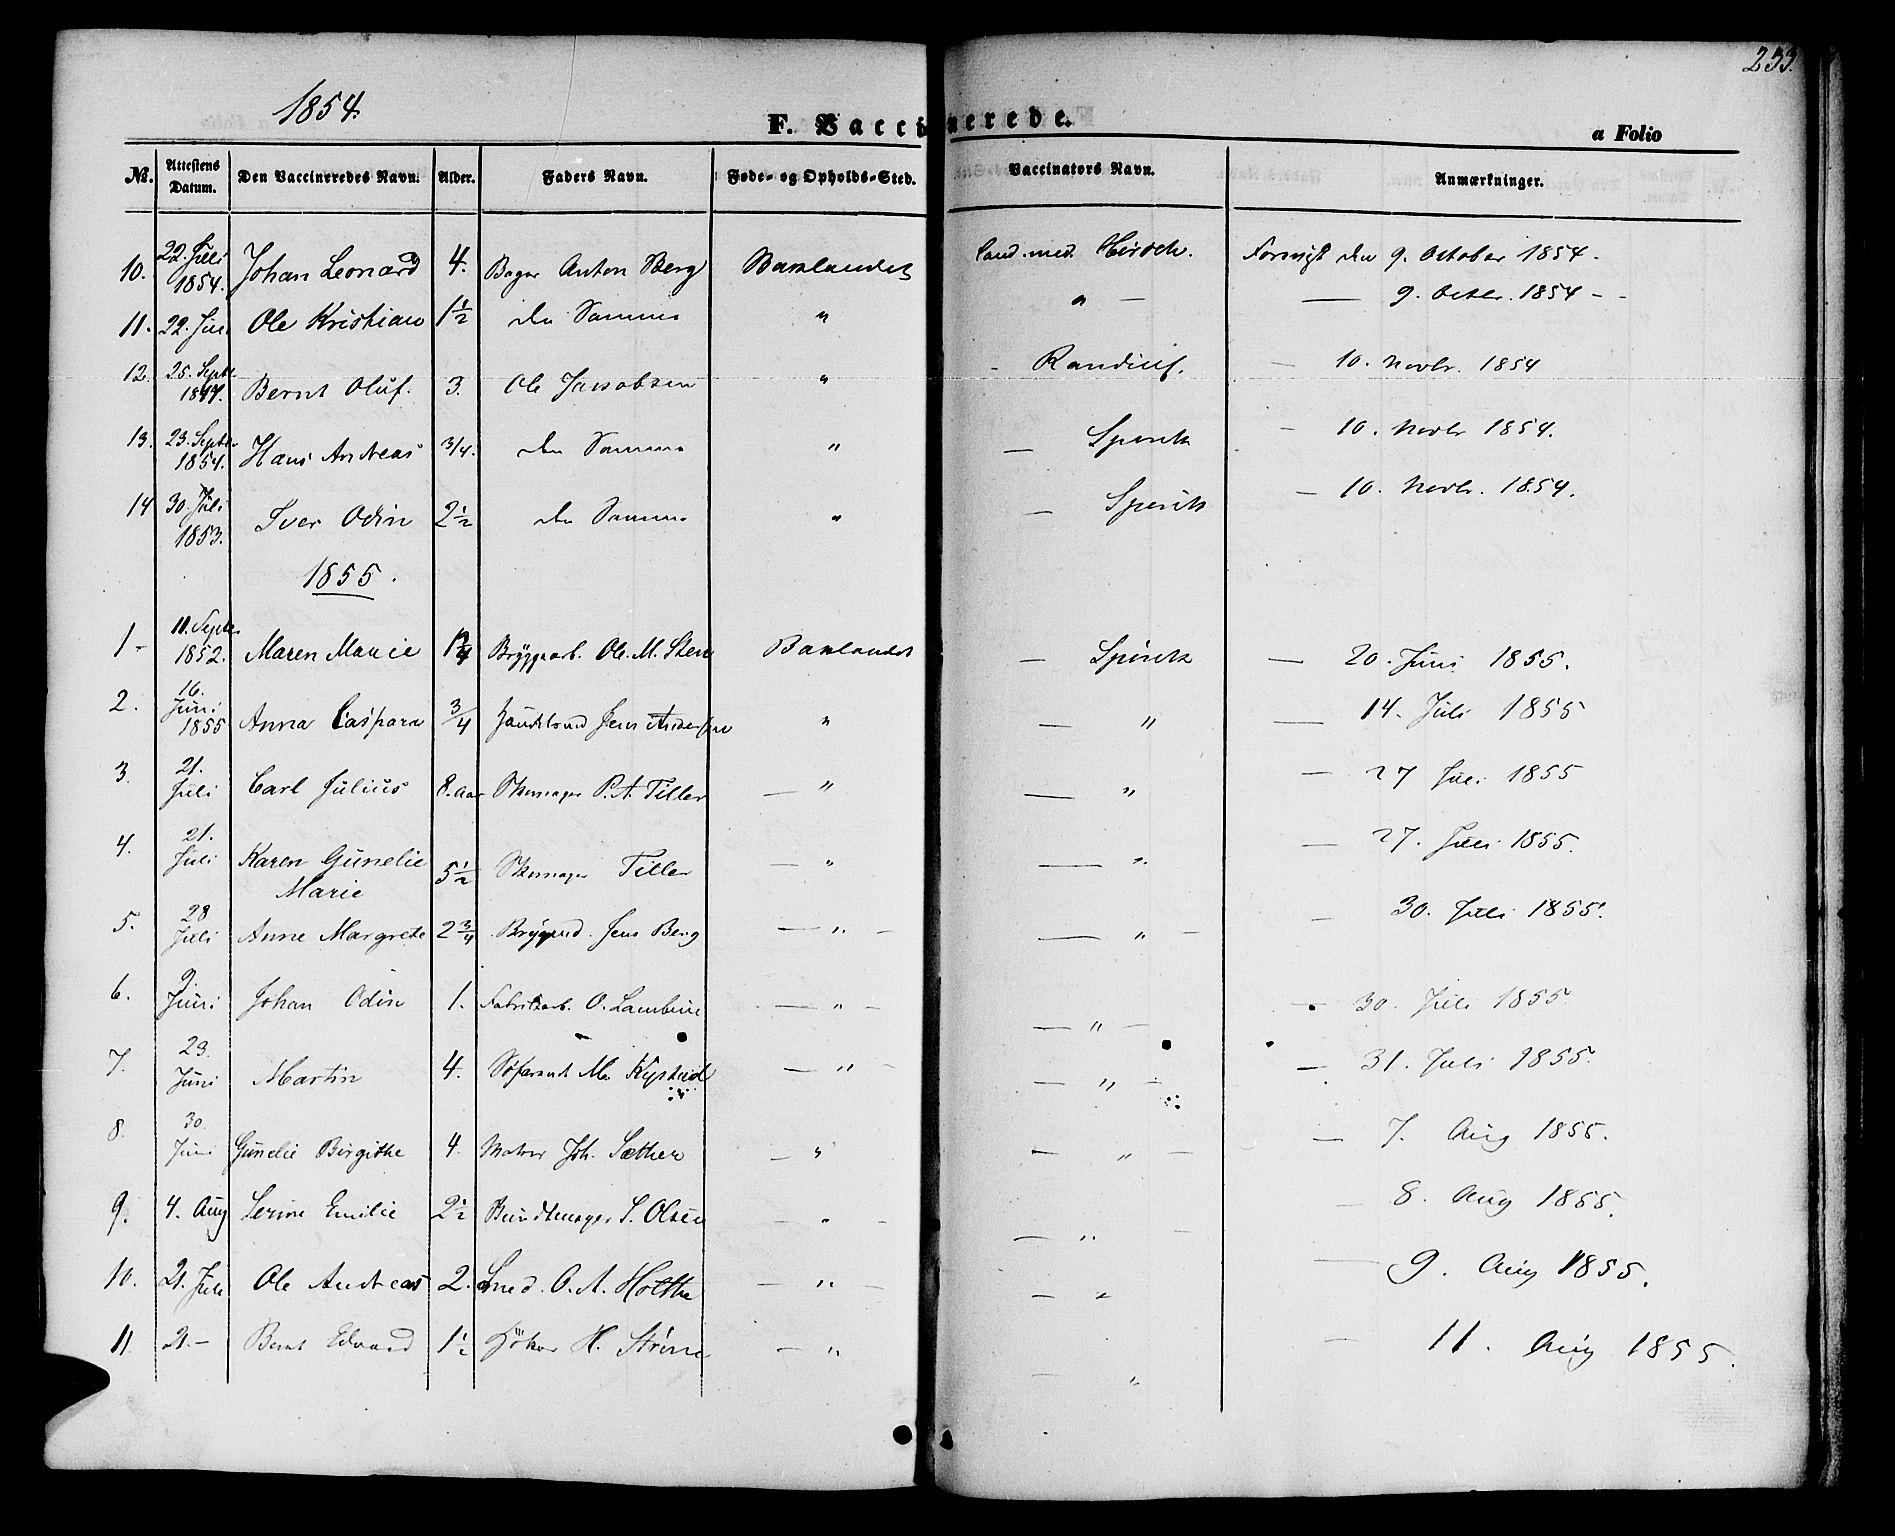 SAT, Ministerialprotokoller, klokkerbøker og fødselsregistre - Sør-Trøndelag, 604/L0184: Ministerialbok nr. 604A05, 1851-1860, s. 233